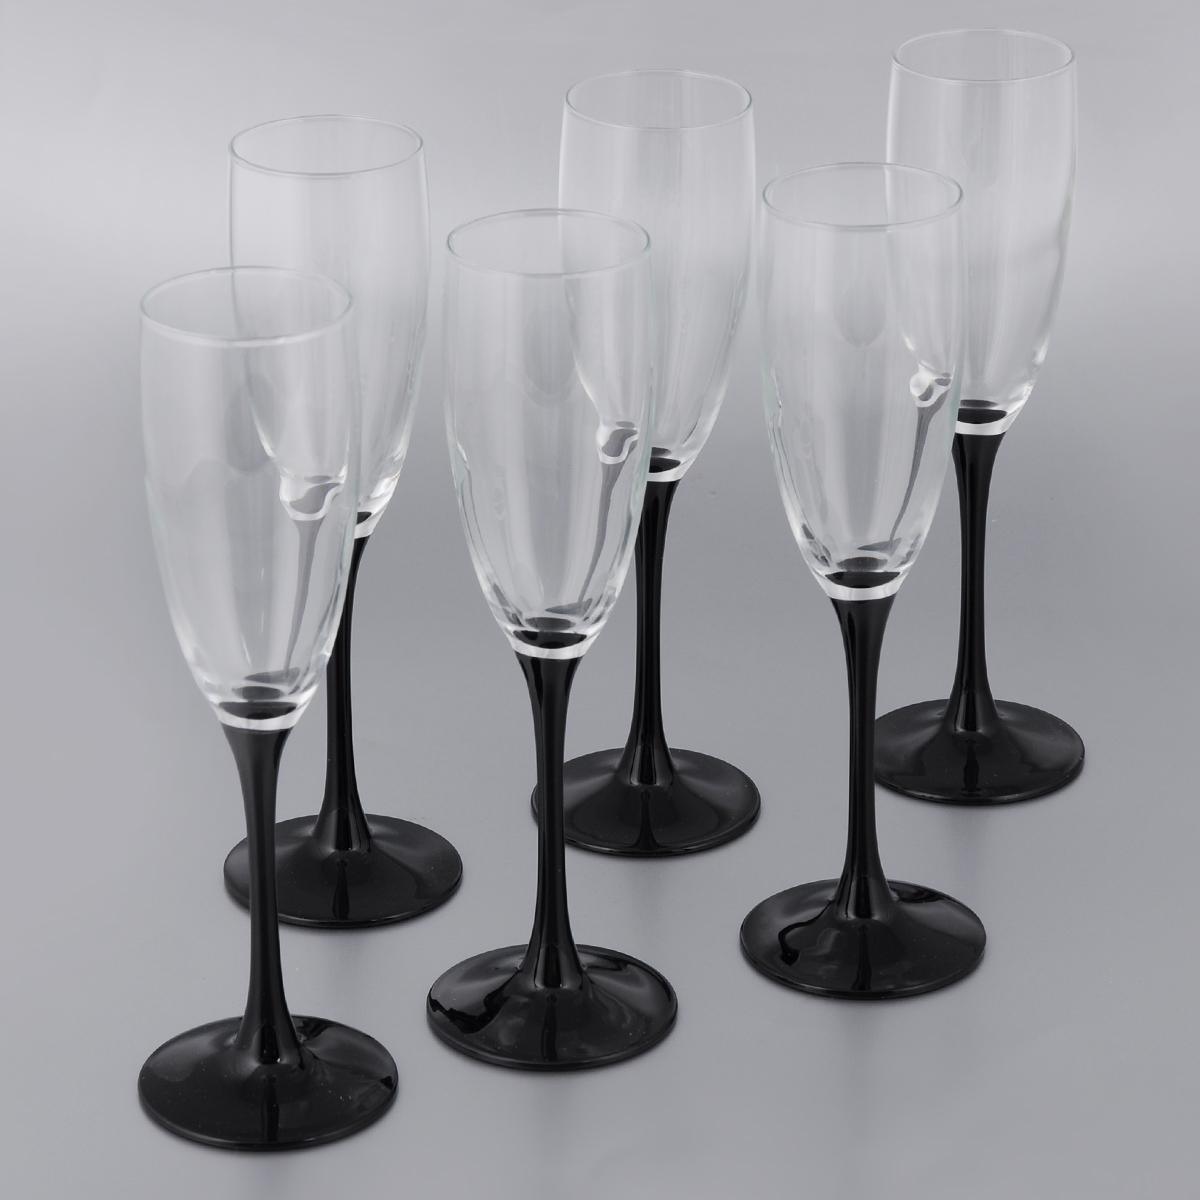 Набор фужеров для шампанского Luminarc Домино, 170 мл, 6 шт набор фужеров для шампанского luminarc французский ресторанчик 170 мл 6 шт